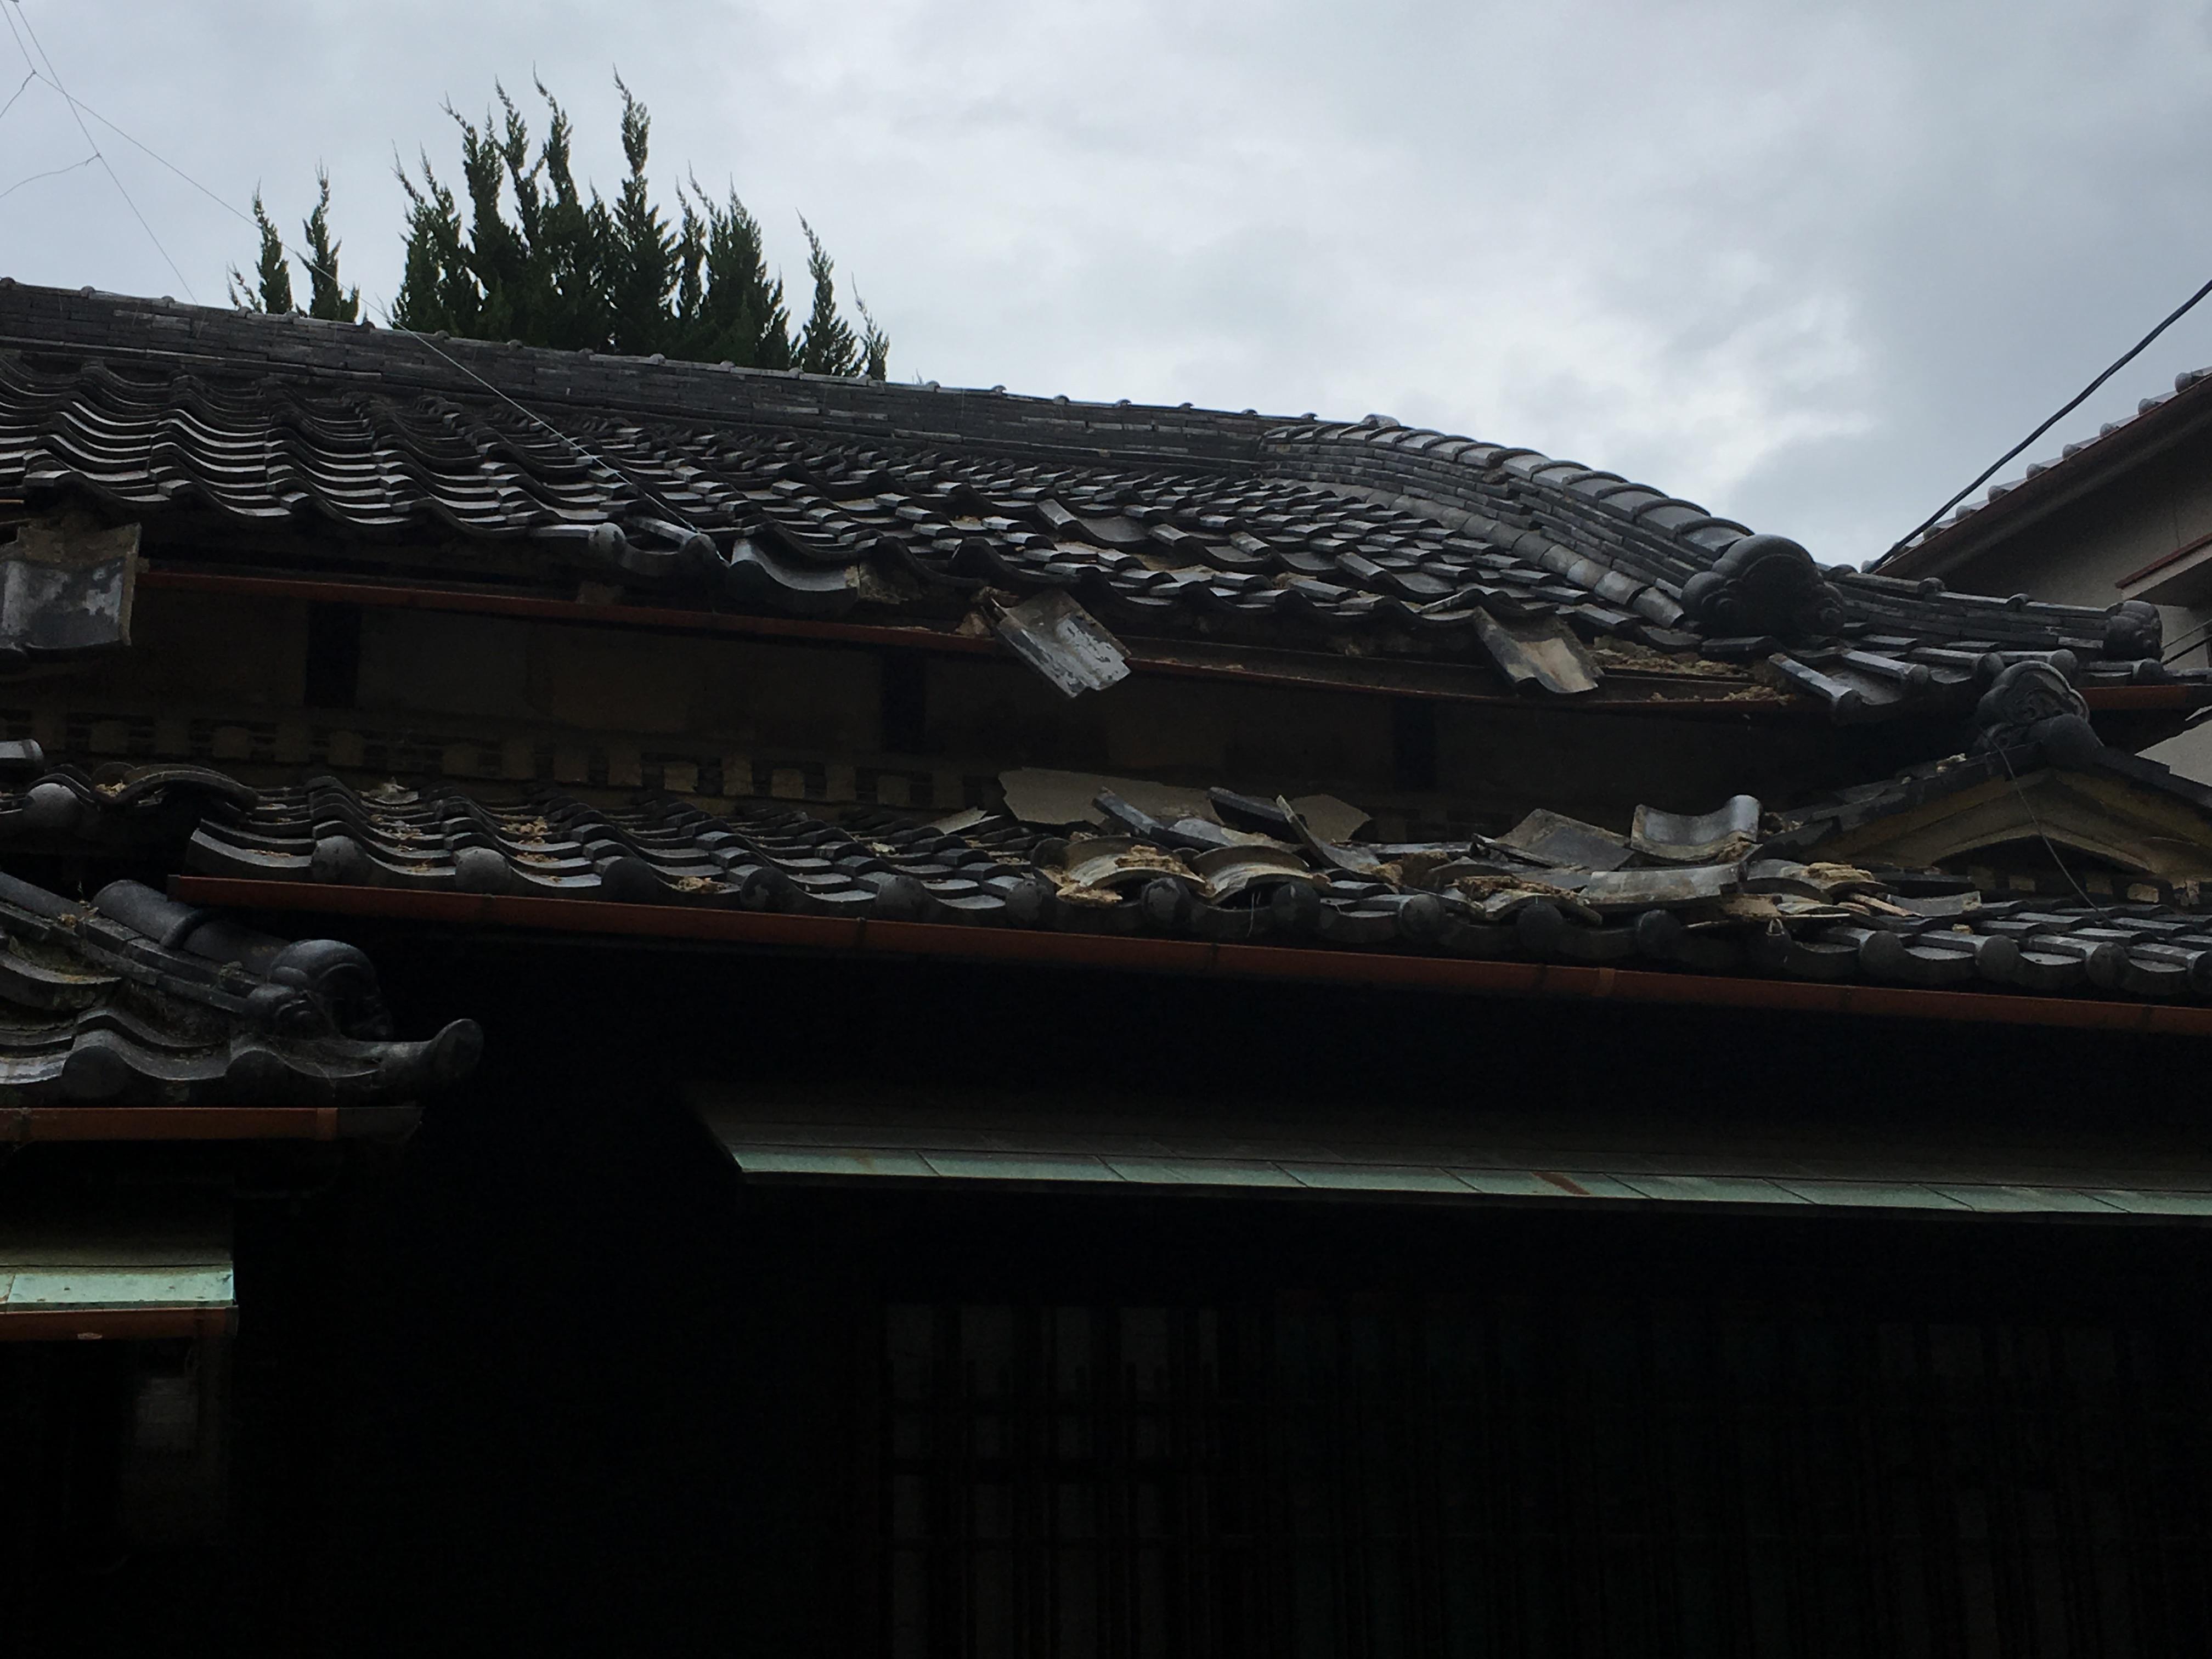 f:id:kougasetumei:20180621192227j:image